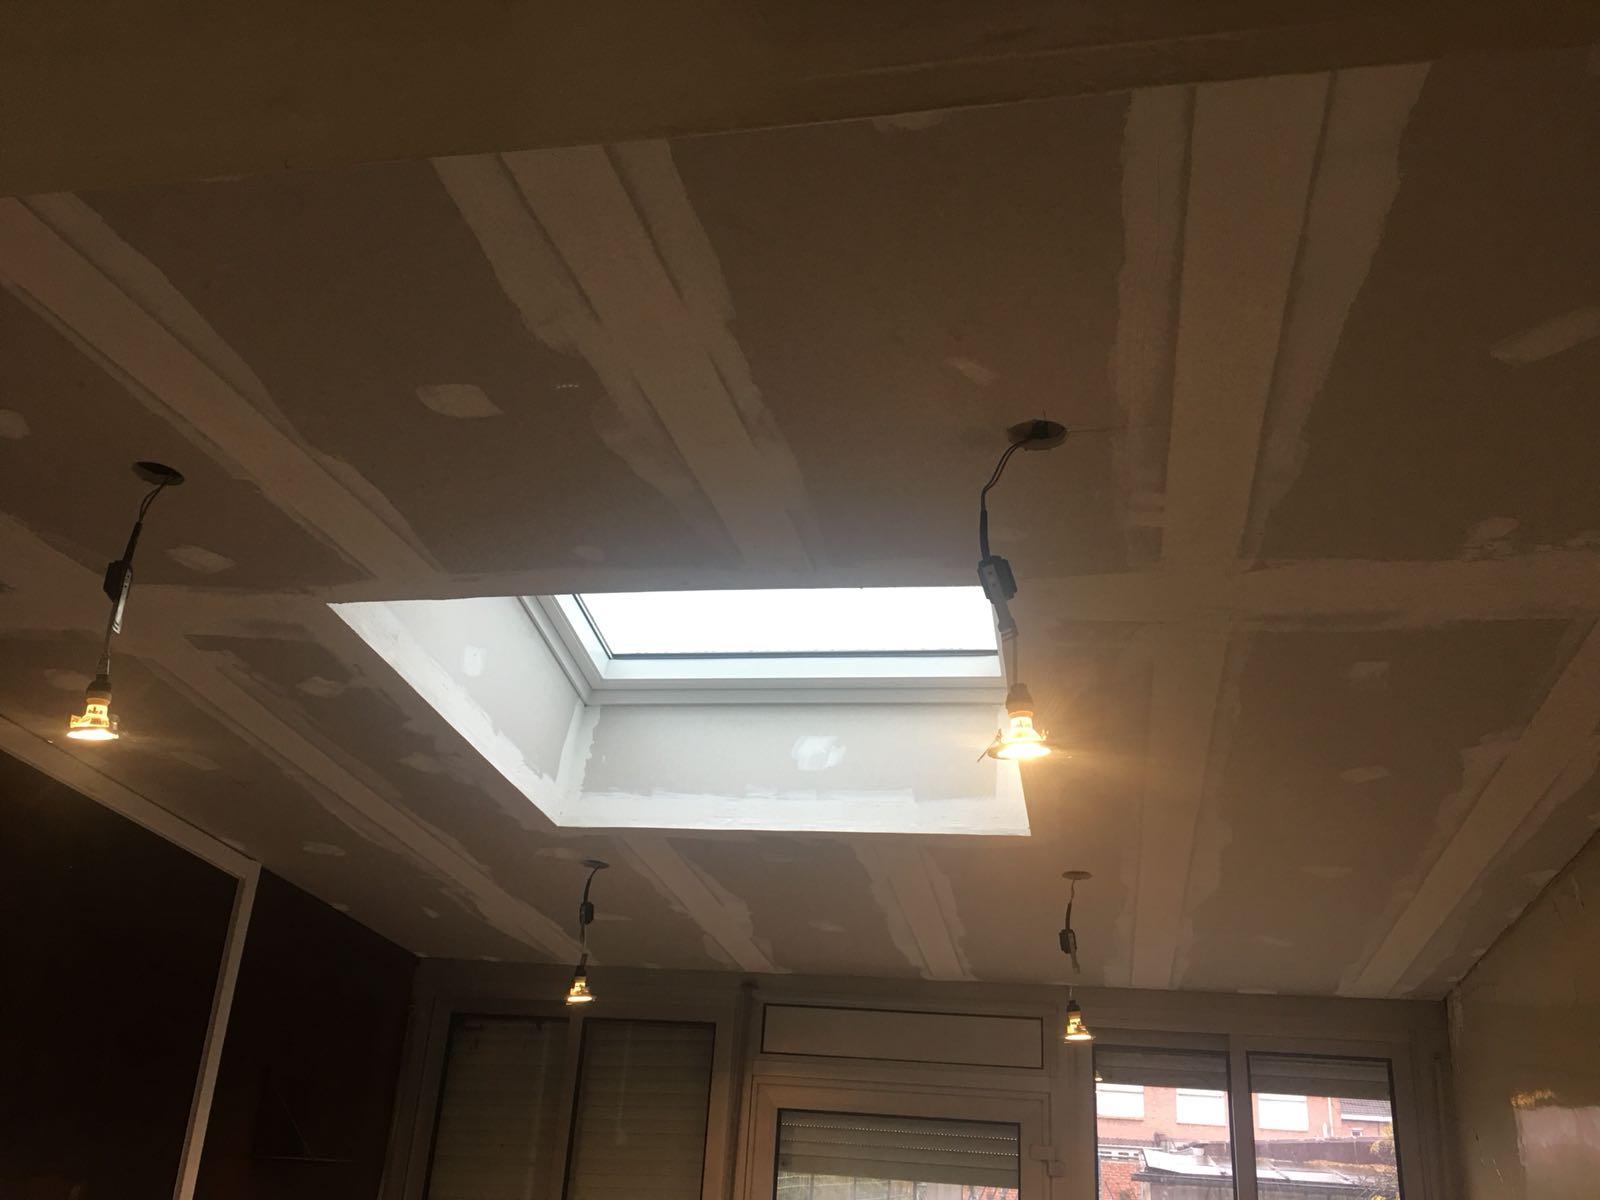 Interieur Plafond Avec Sans Lumineux (2)